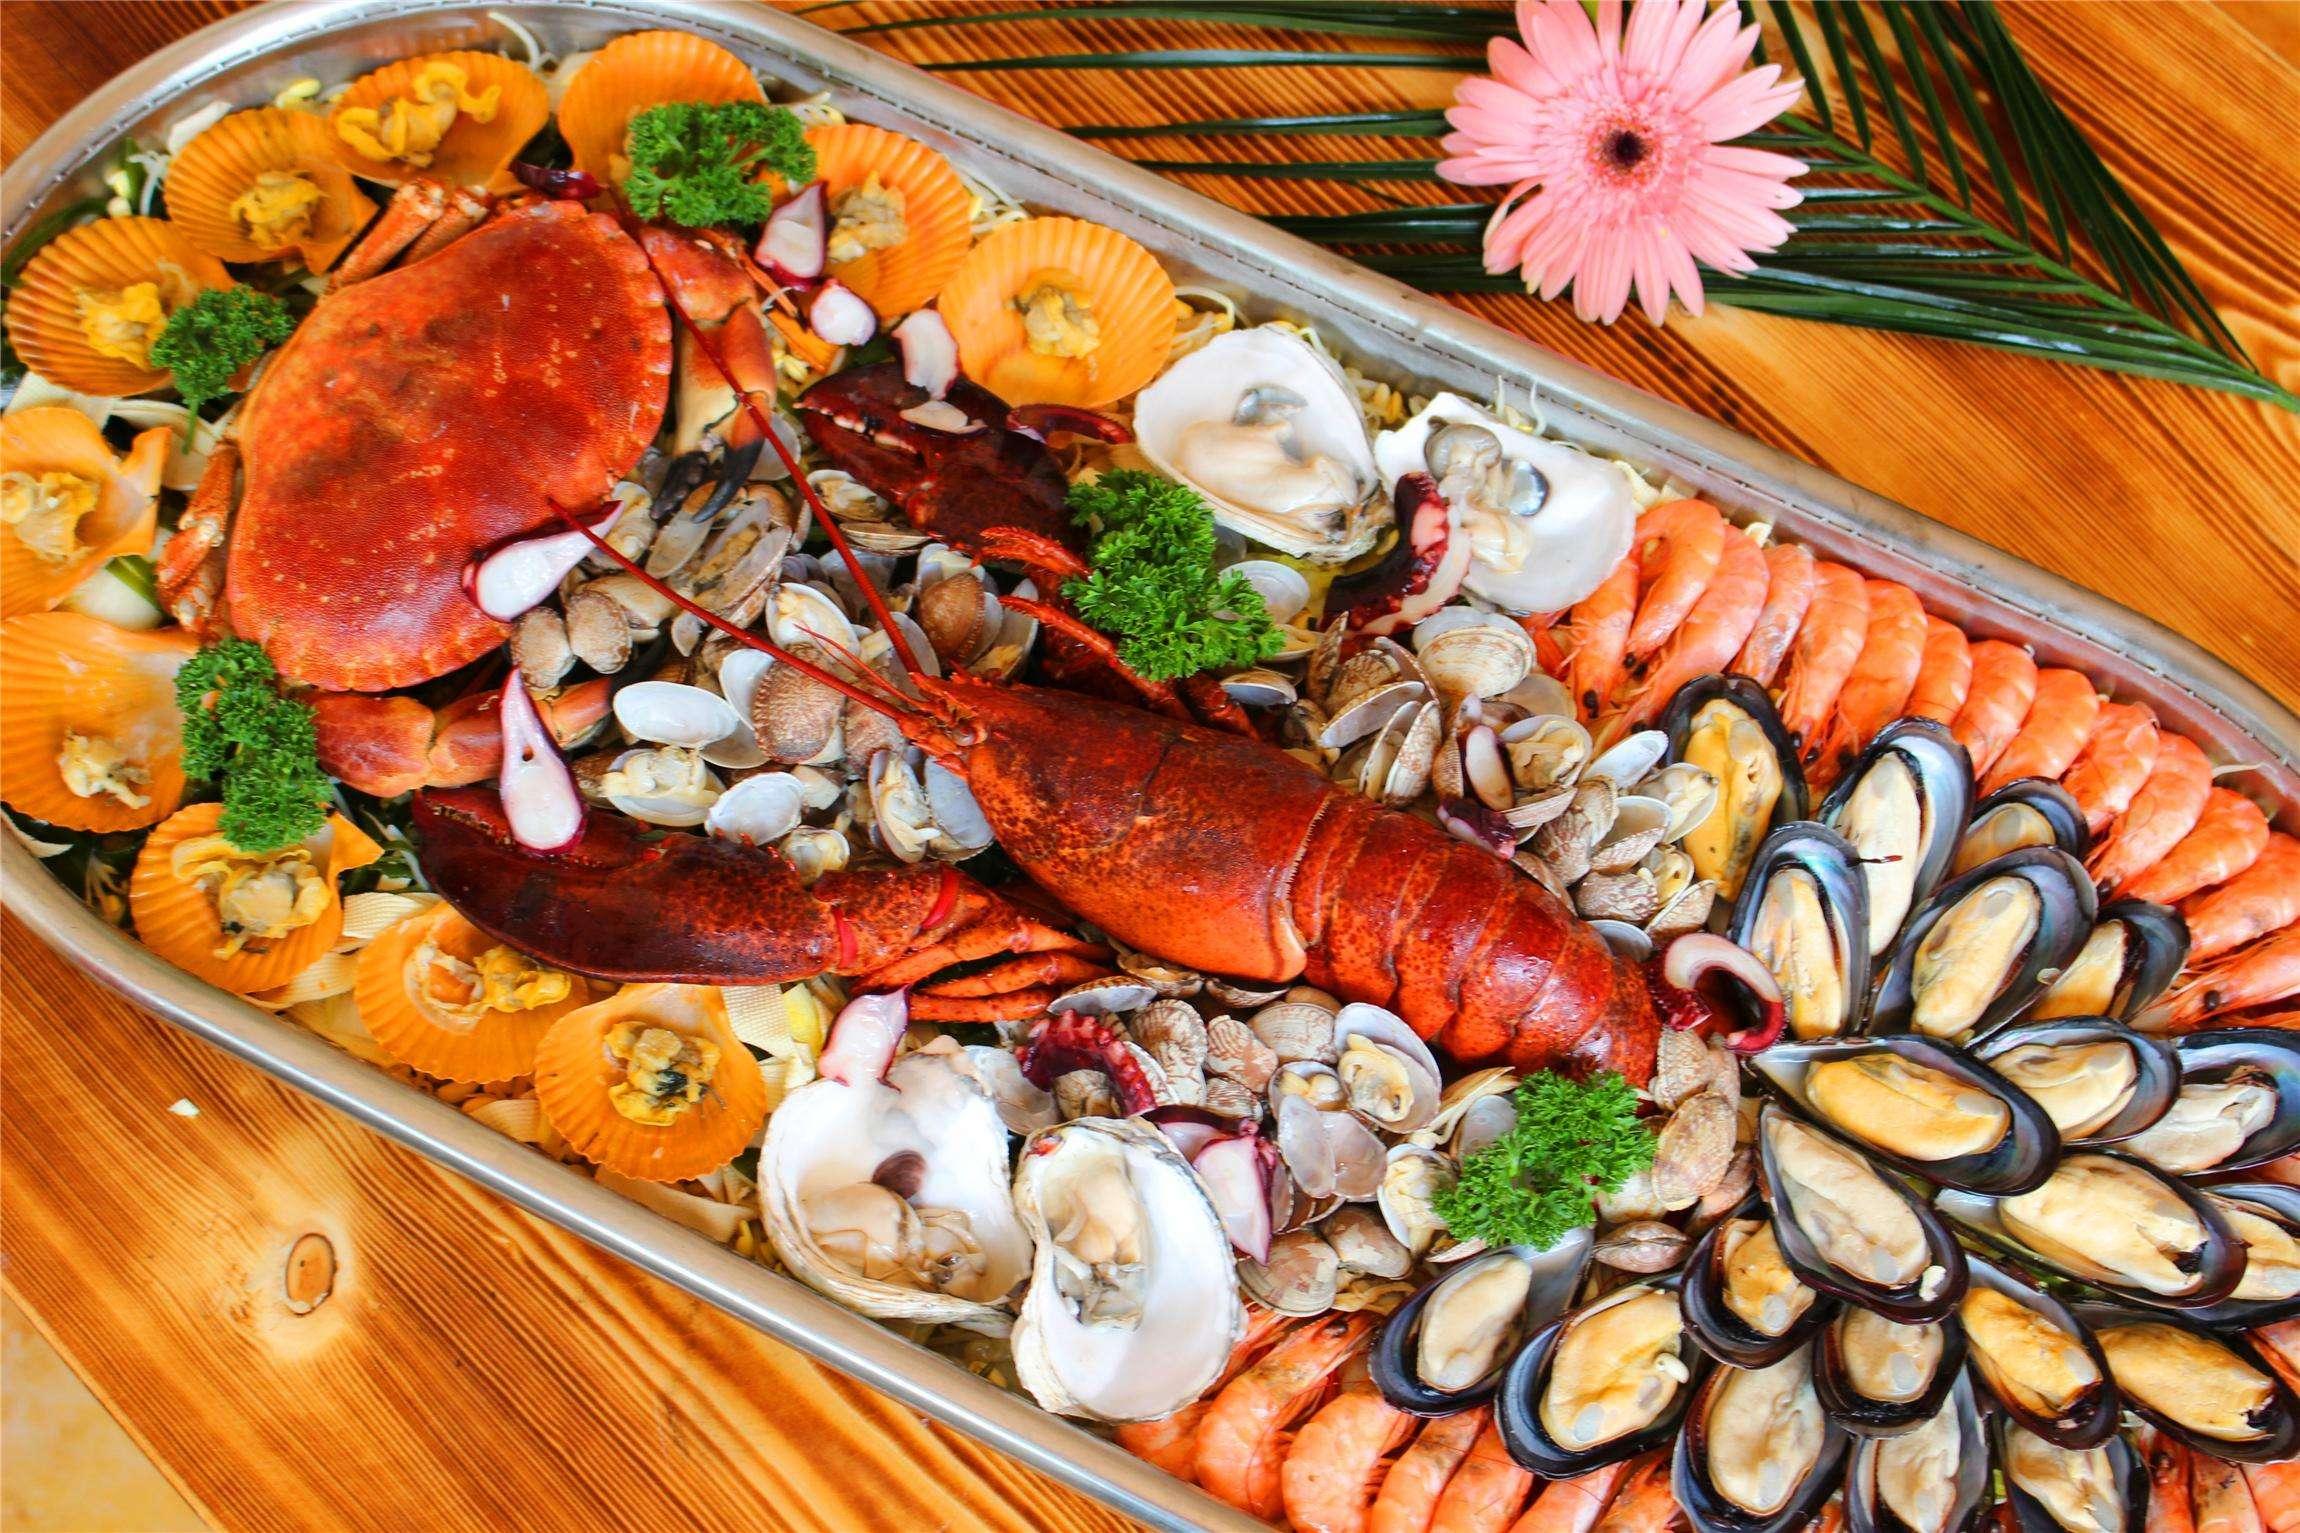 教你怎么吃海鲜选海鲜